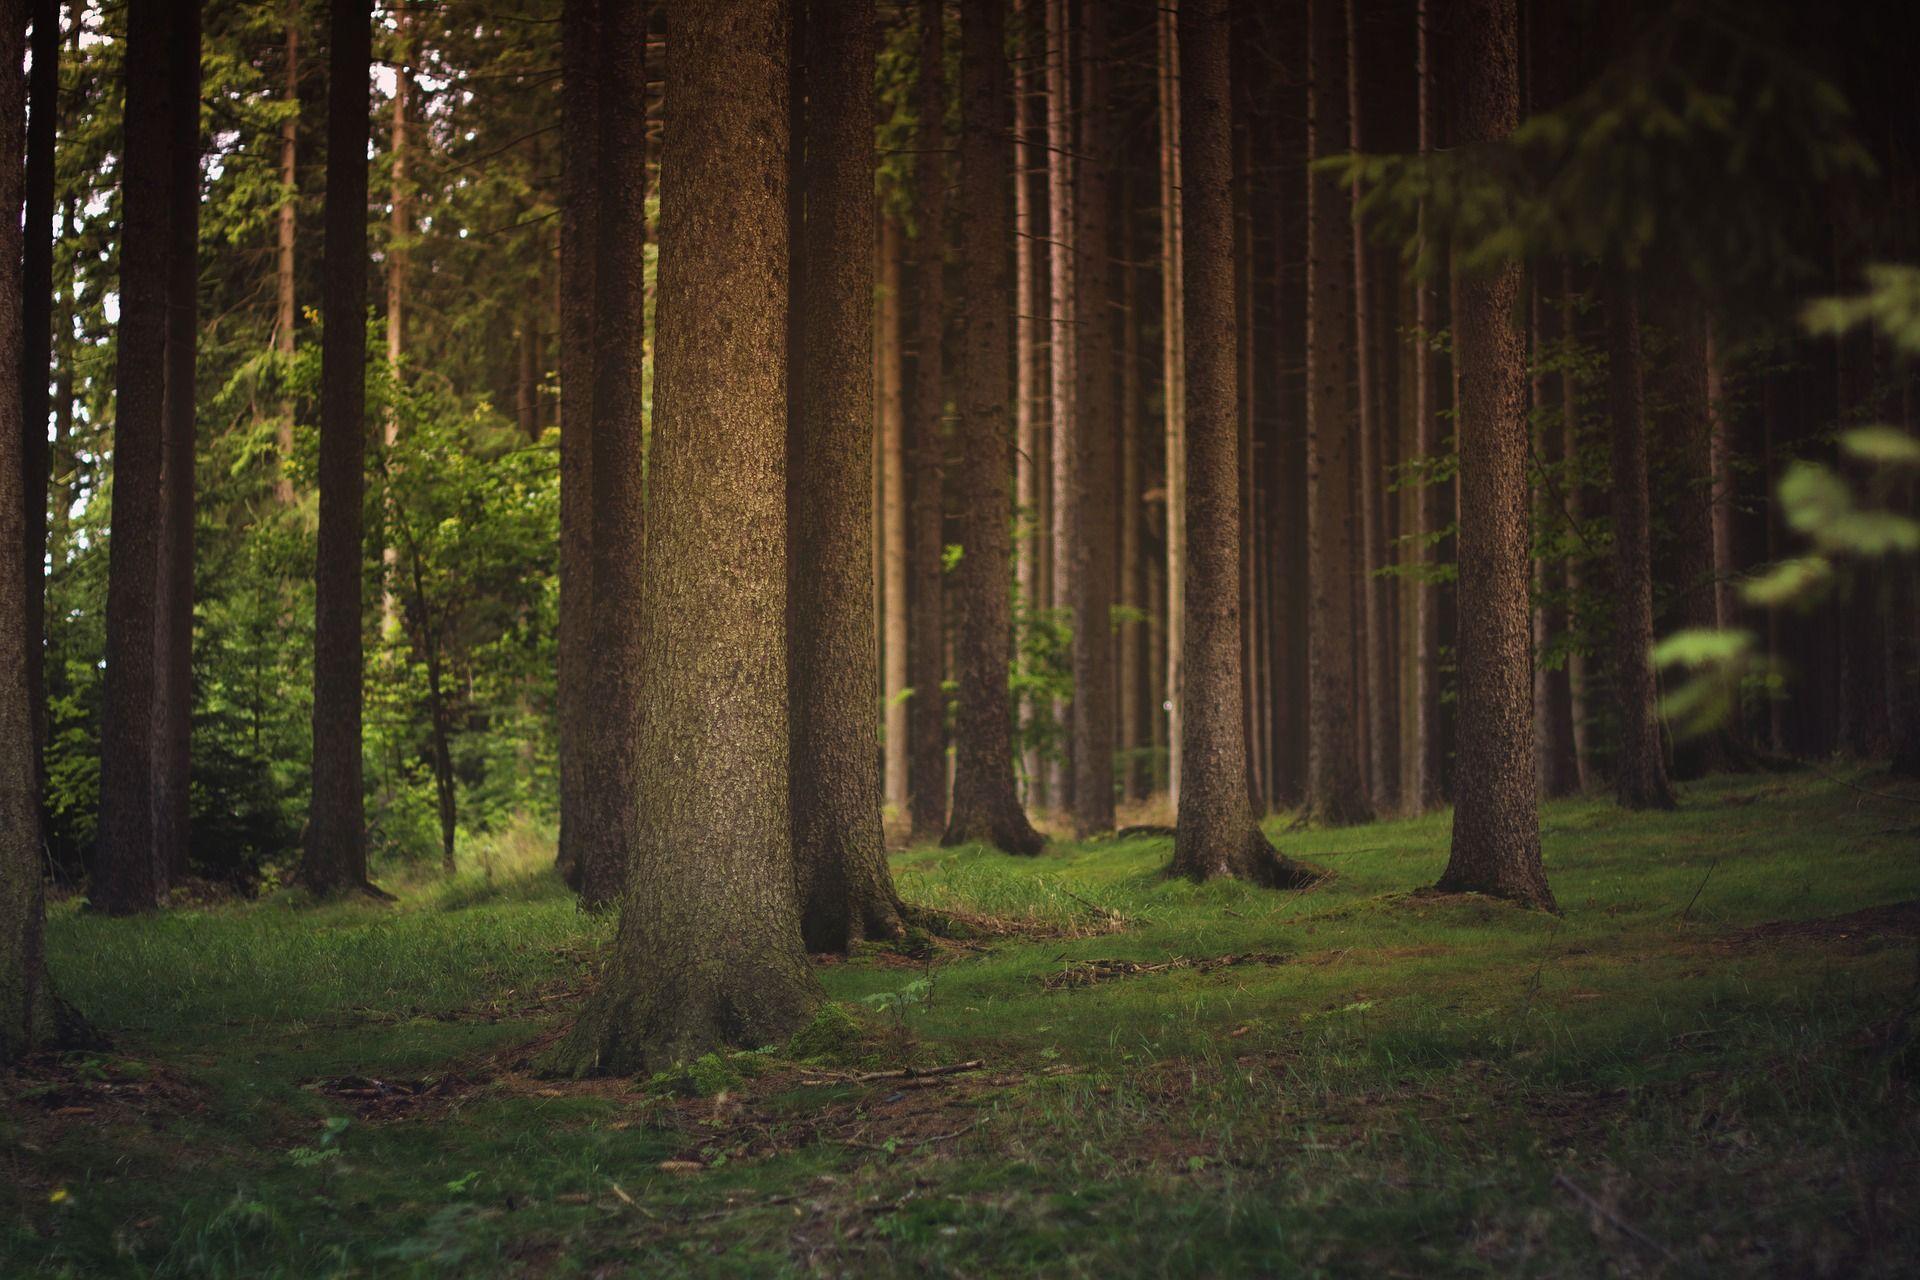 Metsämaisema joka rauhoittaa mieltä